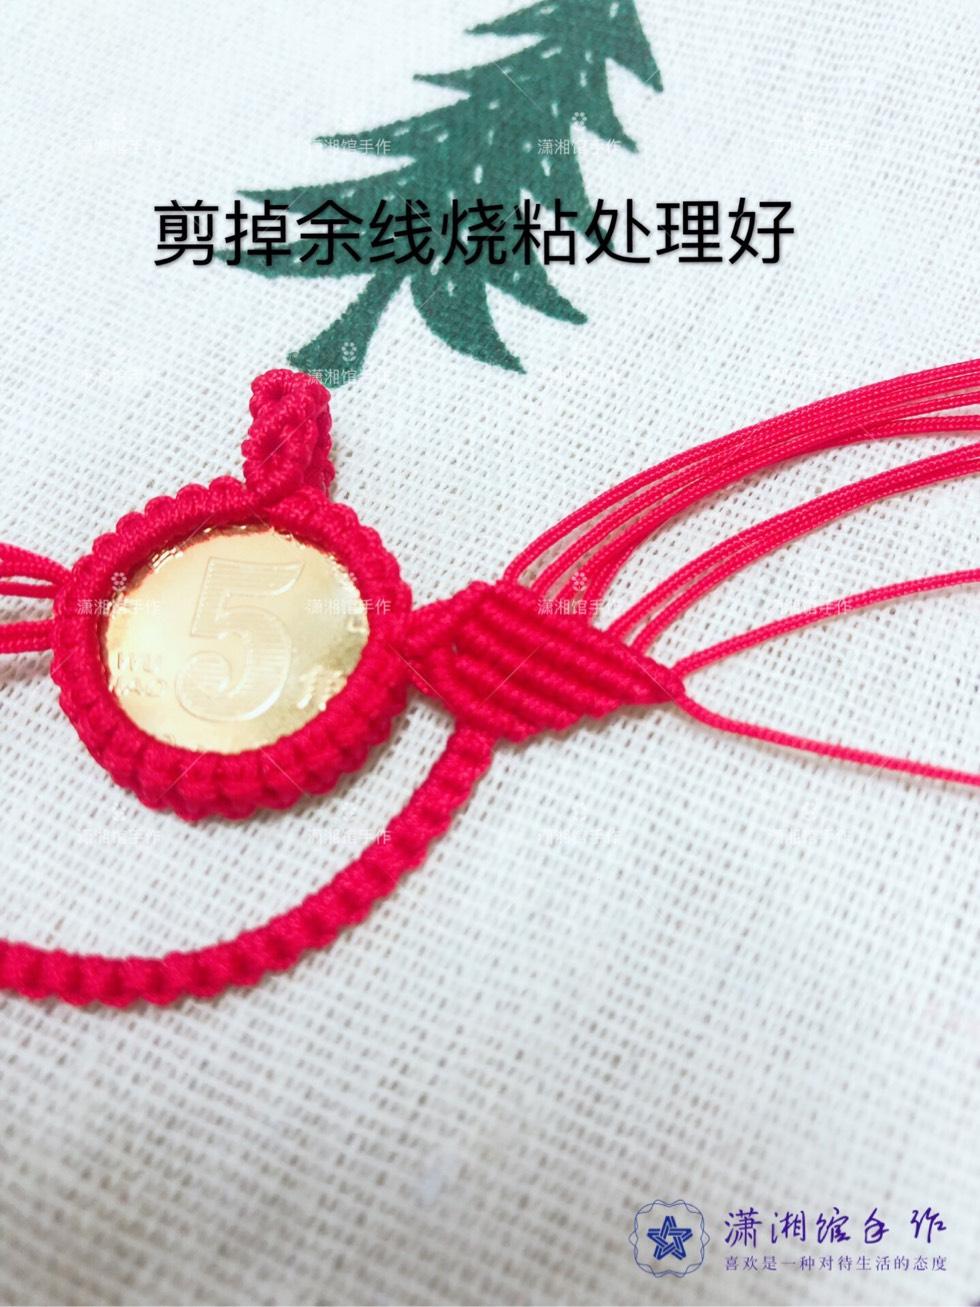 中国结论坛 硬币挂件天使翅膀钥匙扣教程  图文教程区 170140urp1m66bz6u96io7